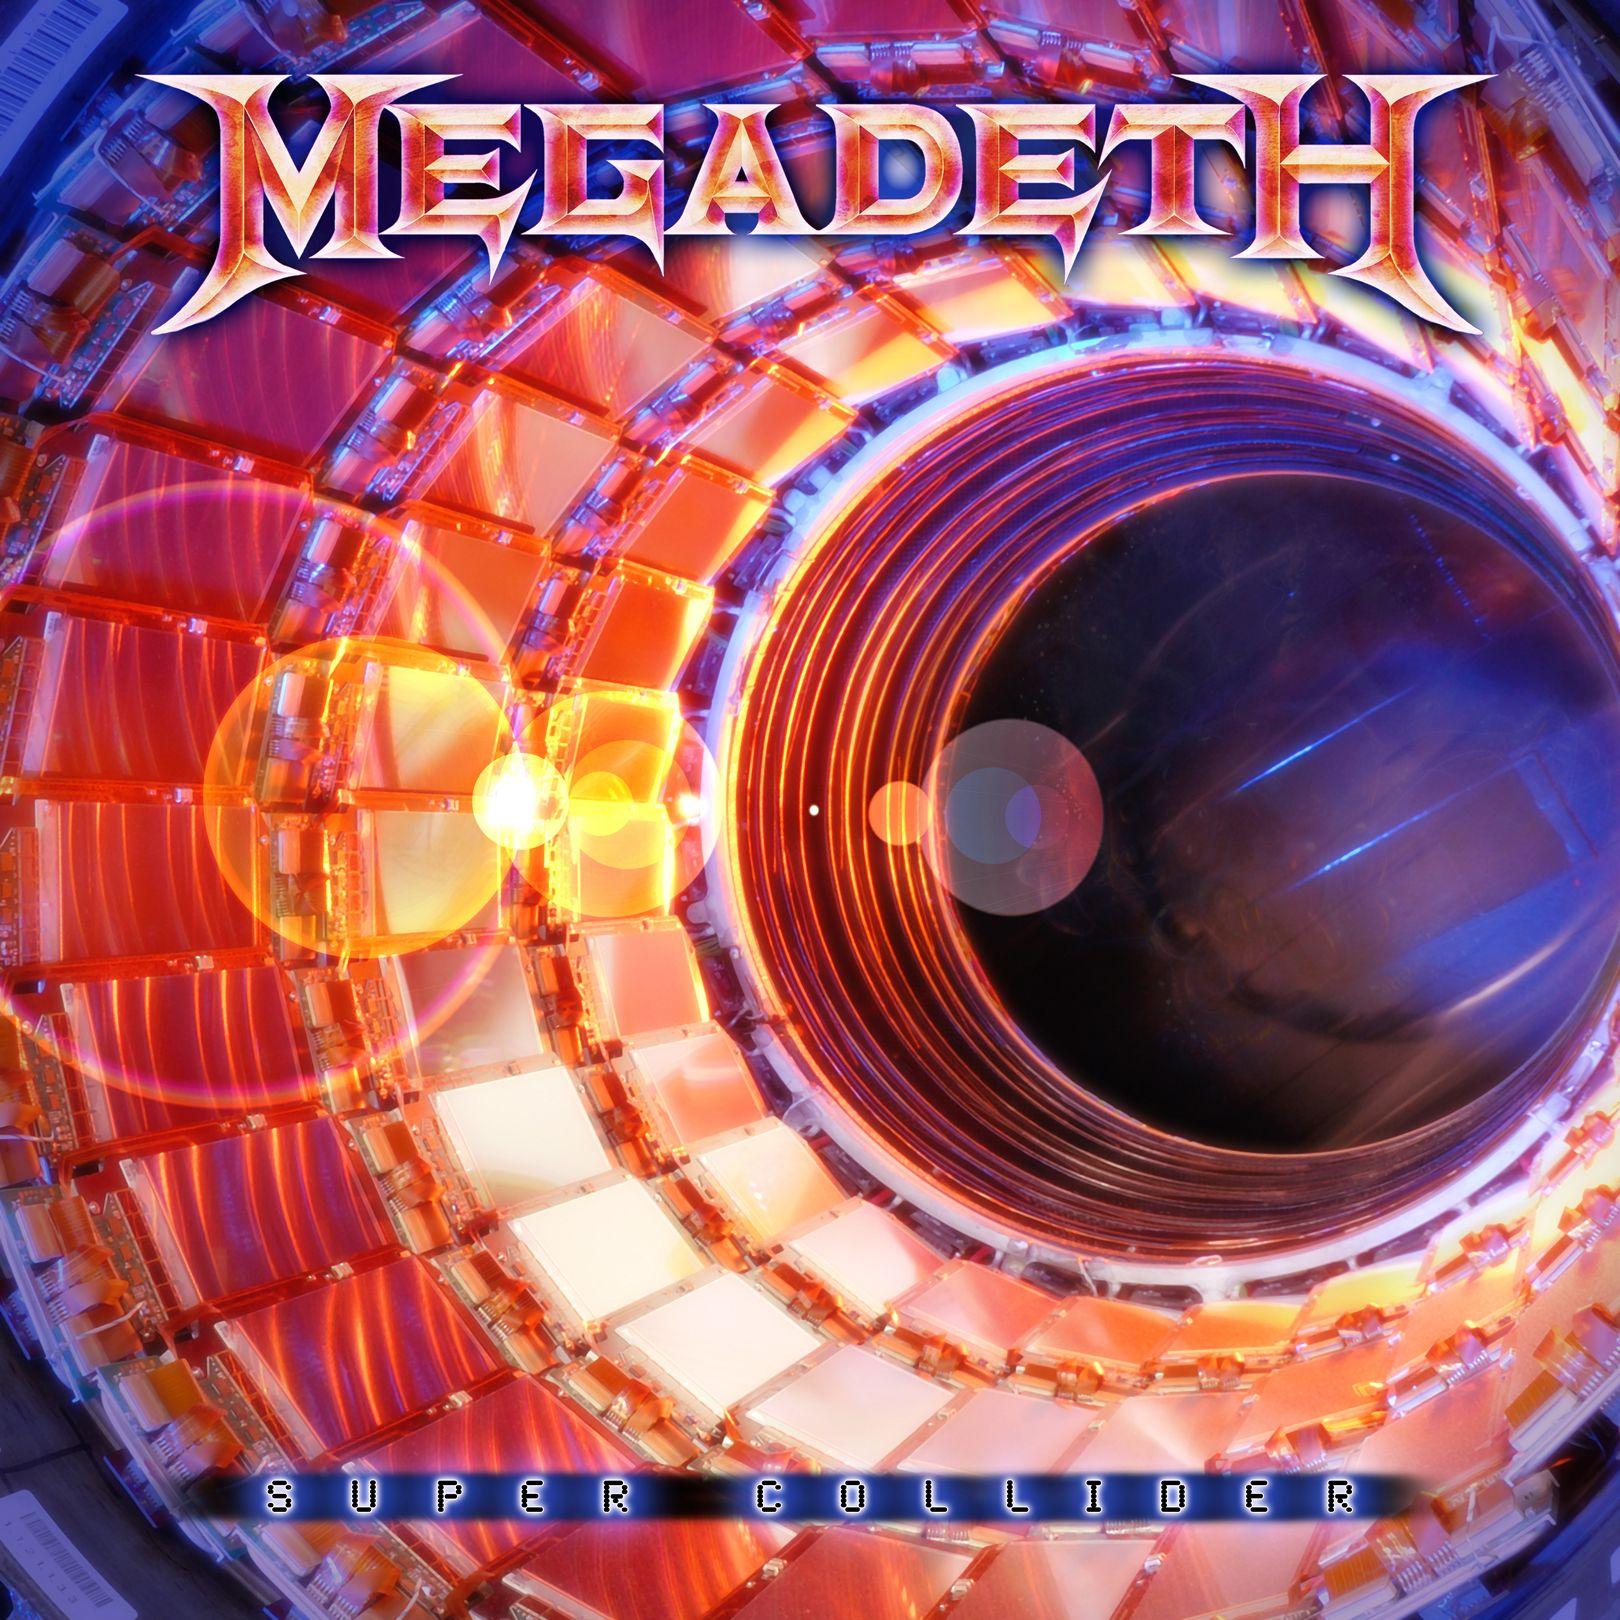 Megadeth - Super Collider album cover